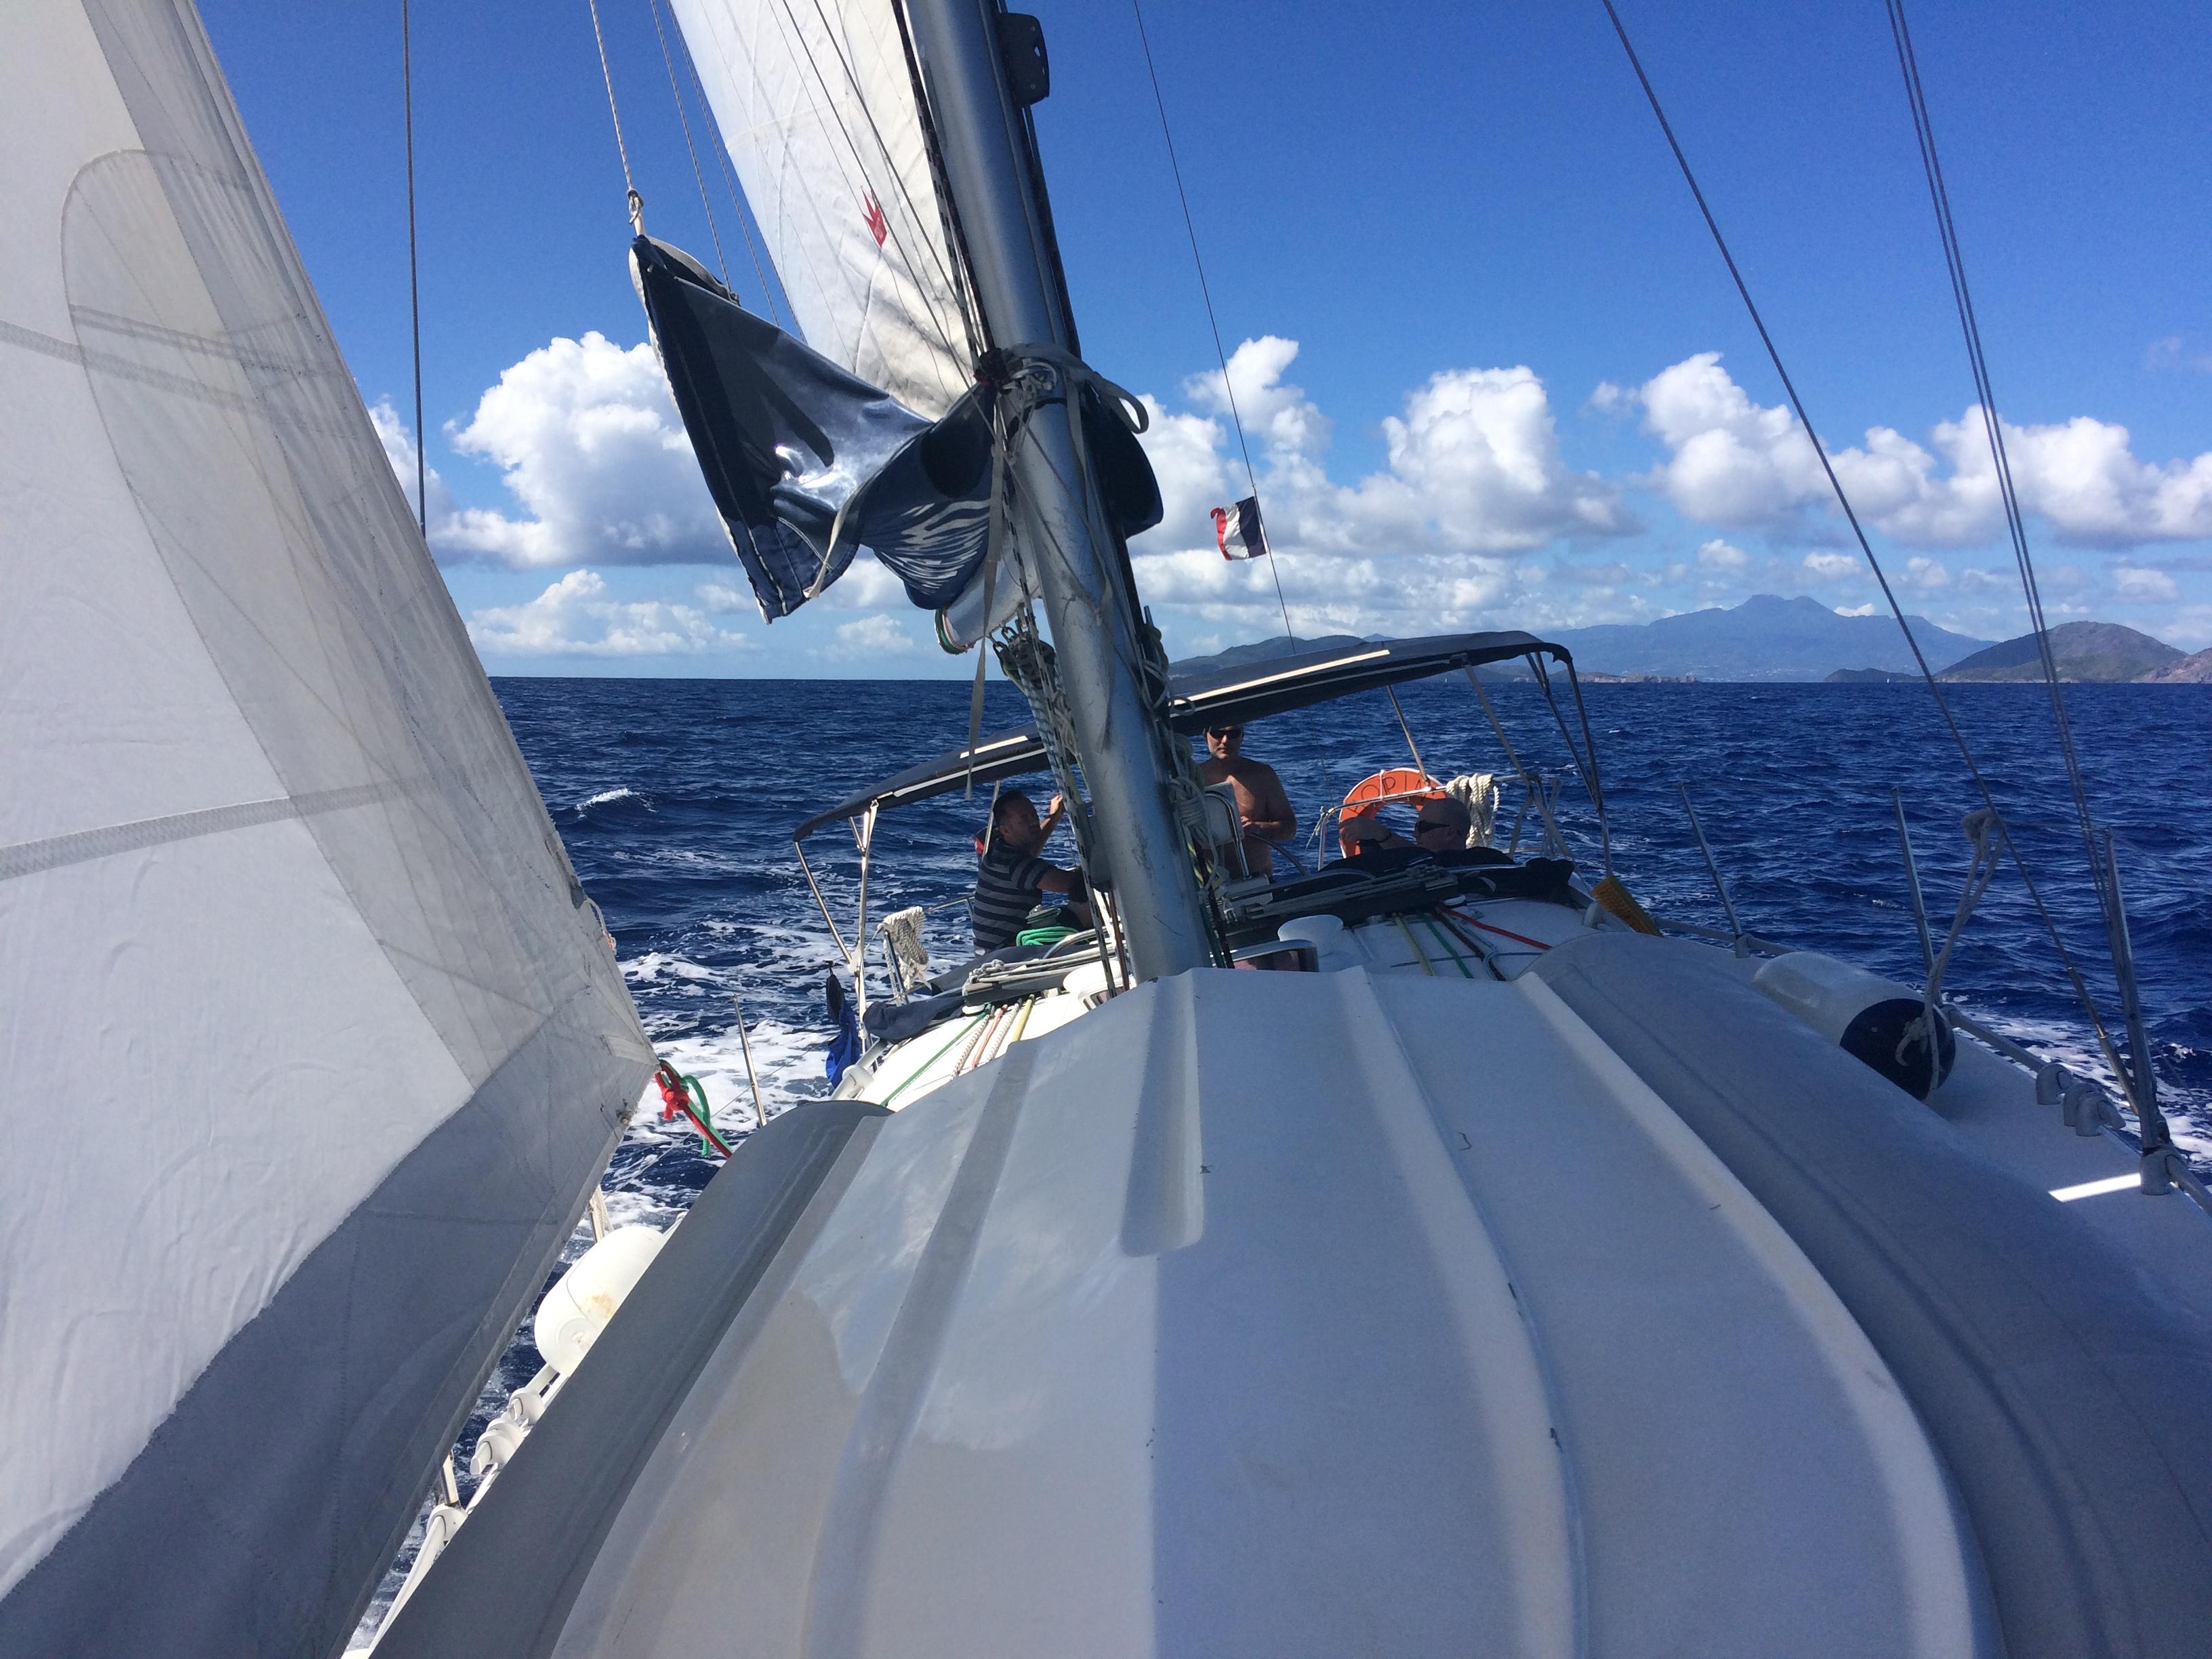 Félszeles menetben vitorlázunk Dominika sziget felé...